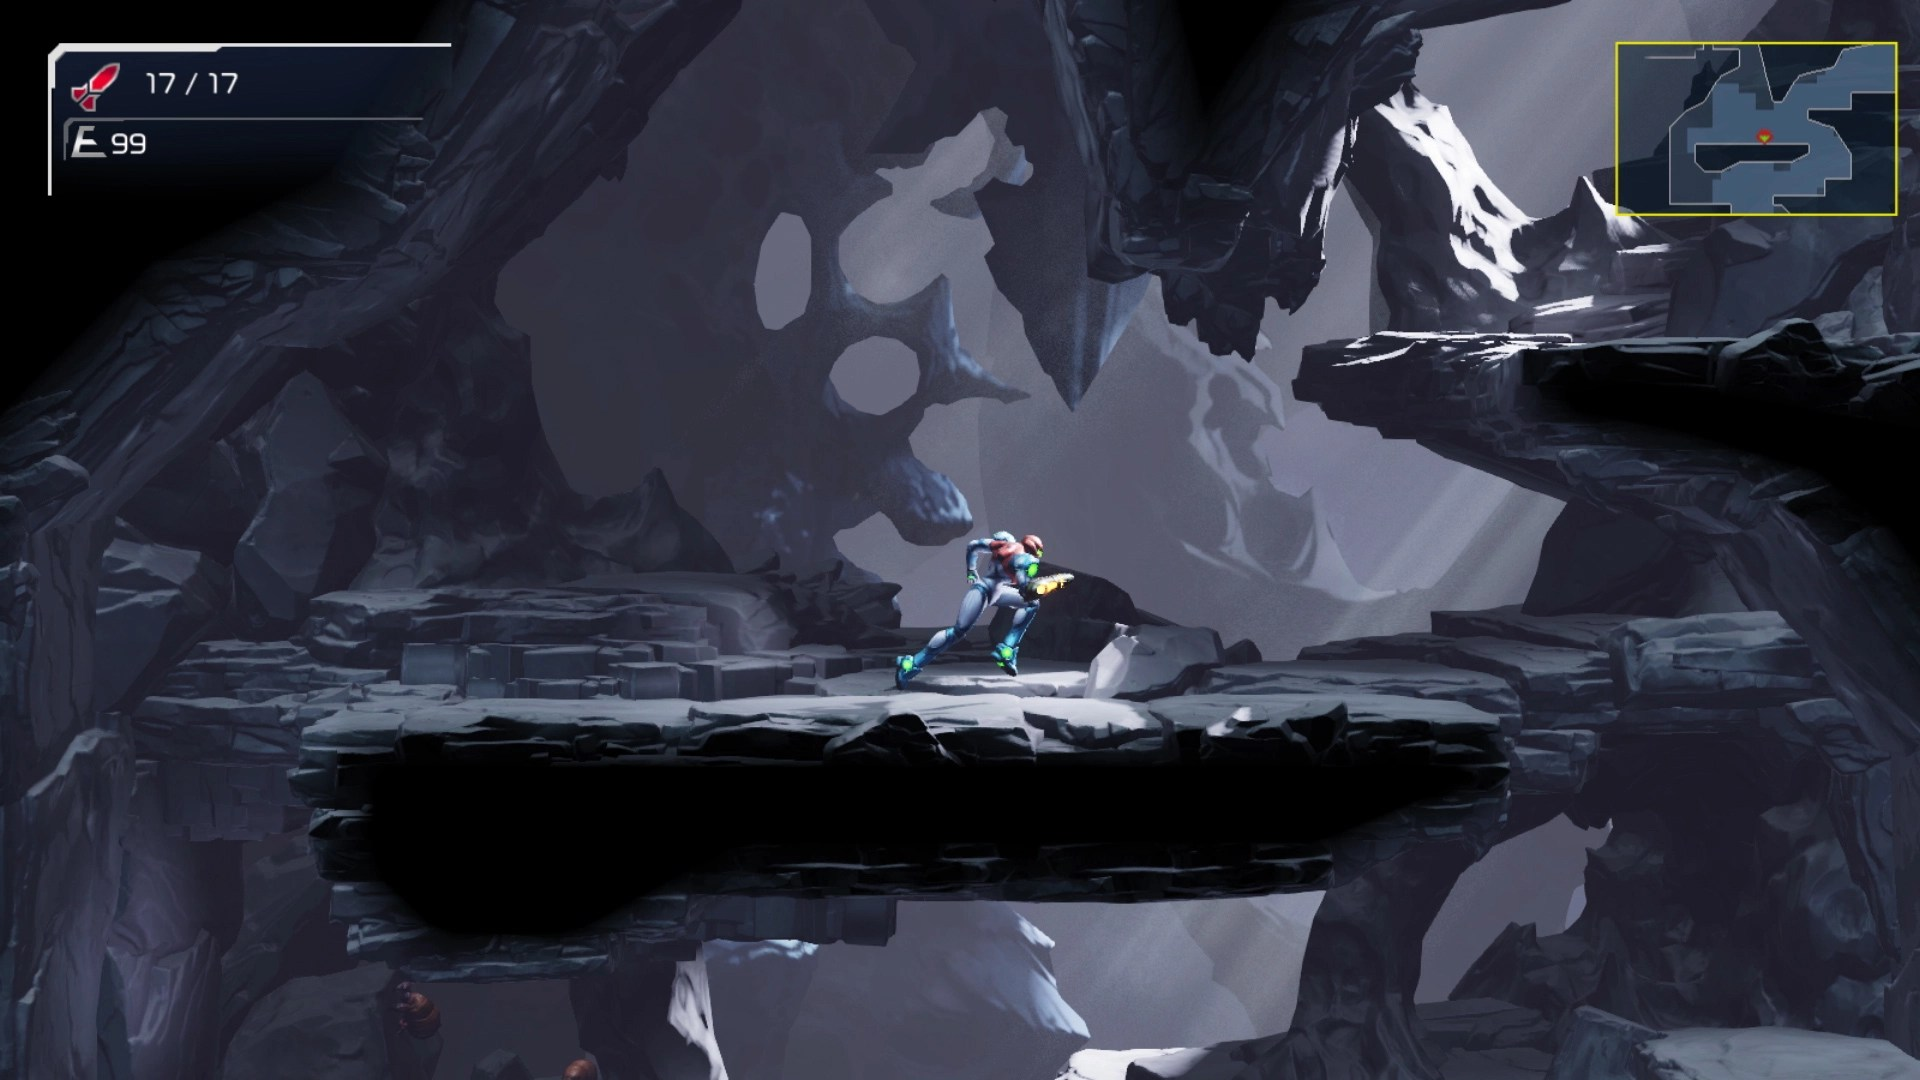 Metroid Dread สำหรับ Nintendo Switch ได้รับการเล่นเกมและภาพหน้าจอแรกมากมาย